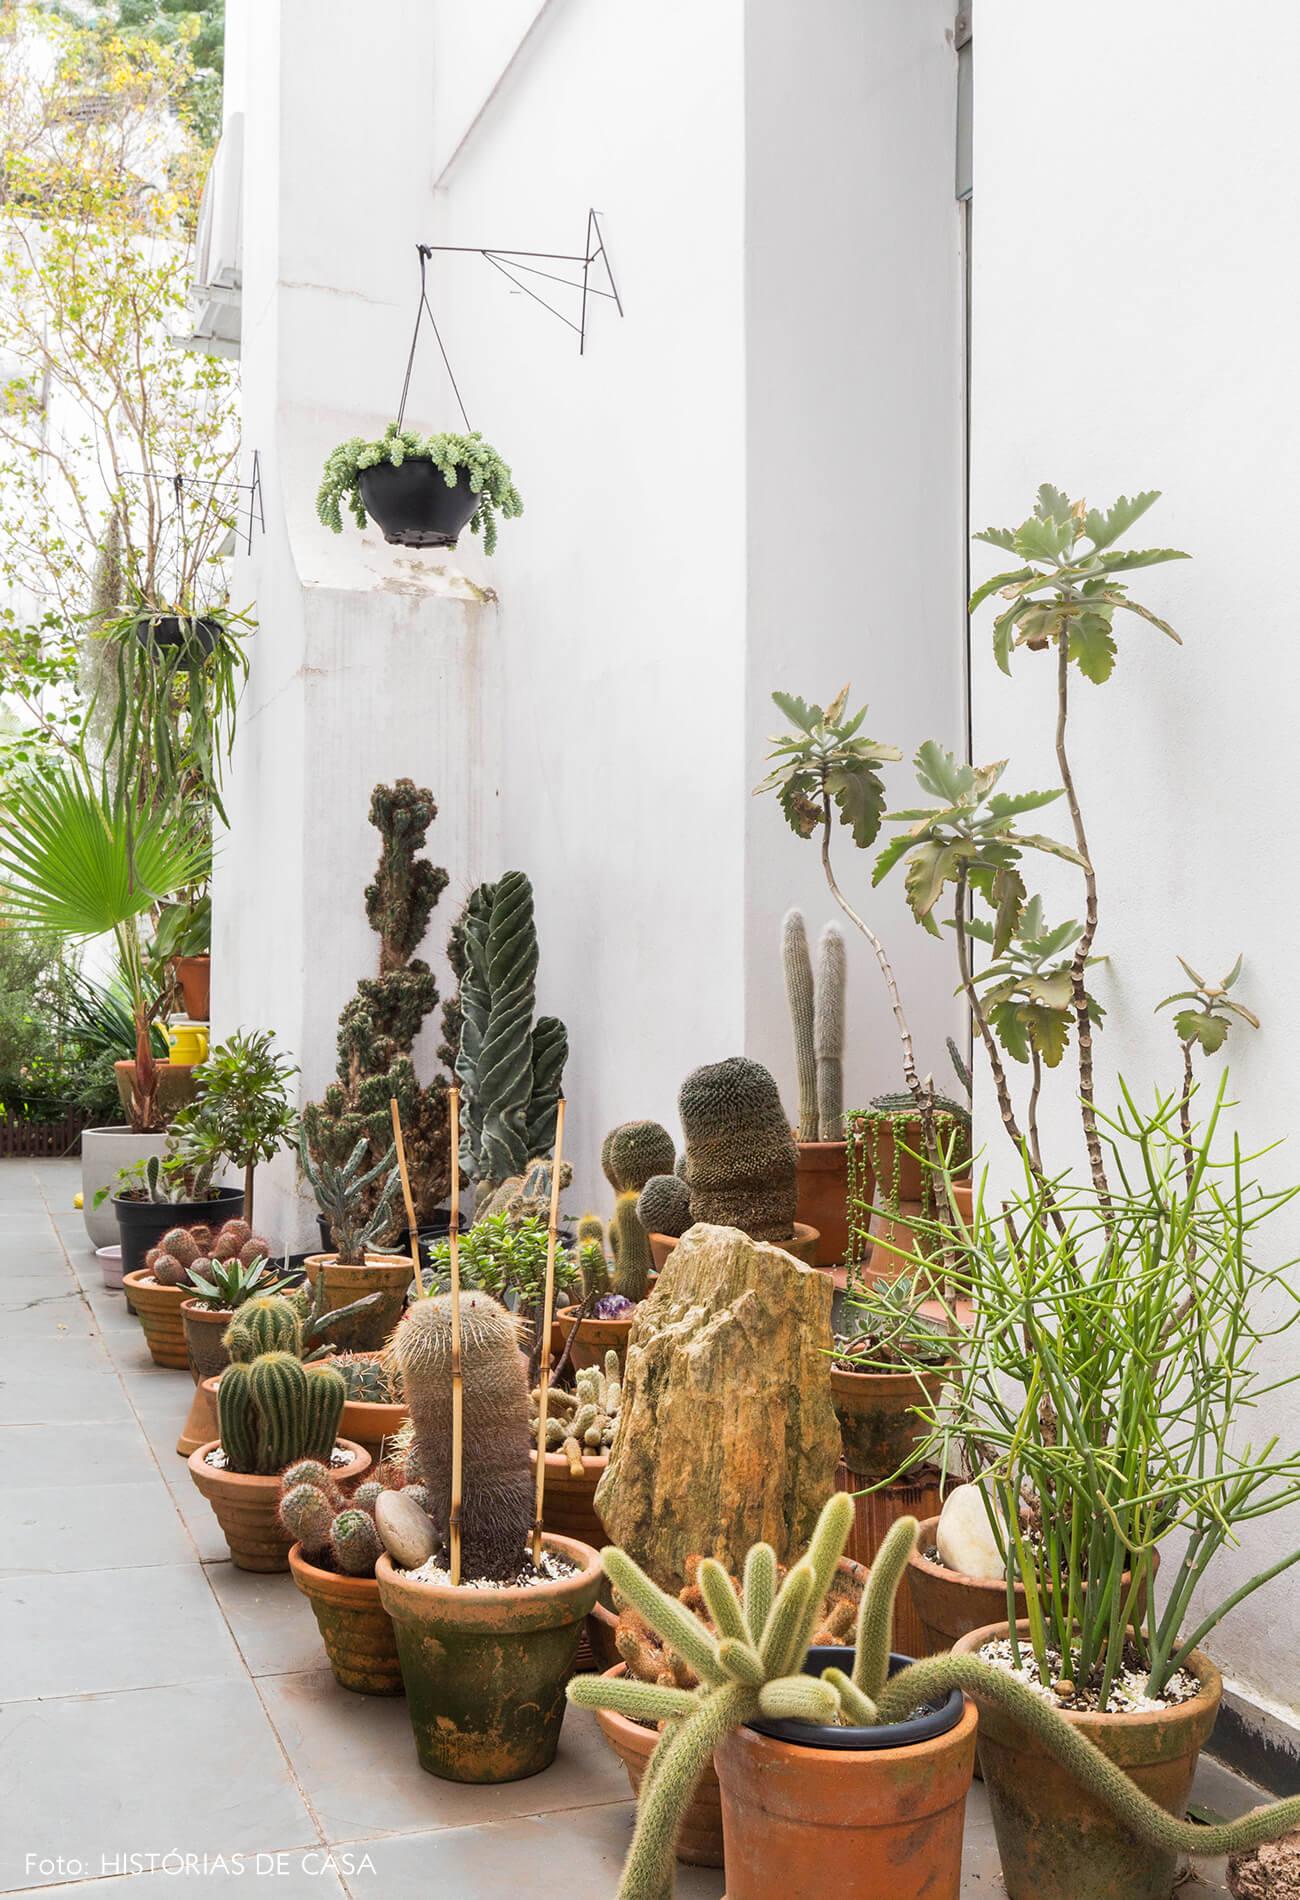 Jardim lateral com coleção de cactos